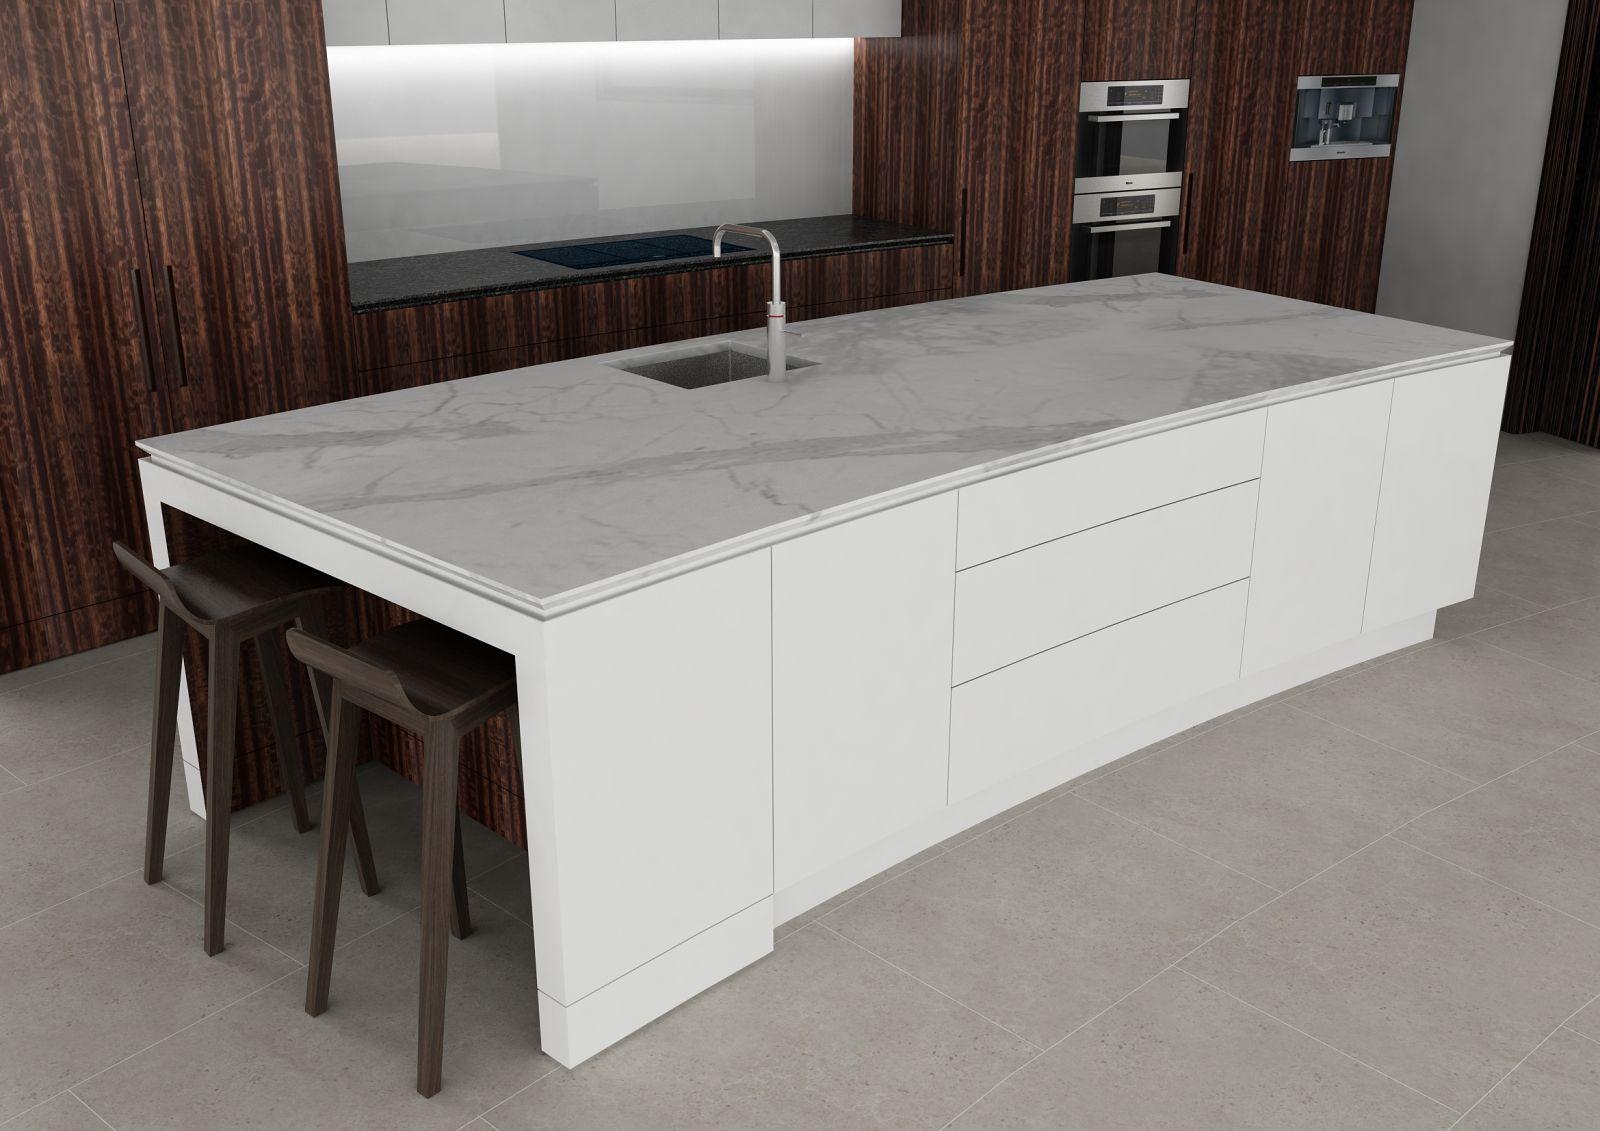 Brammell kitchen V2 - View 5